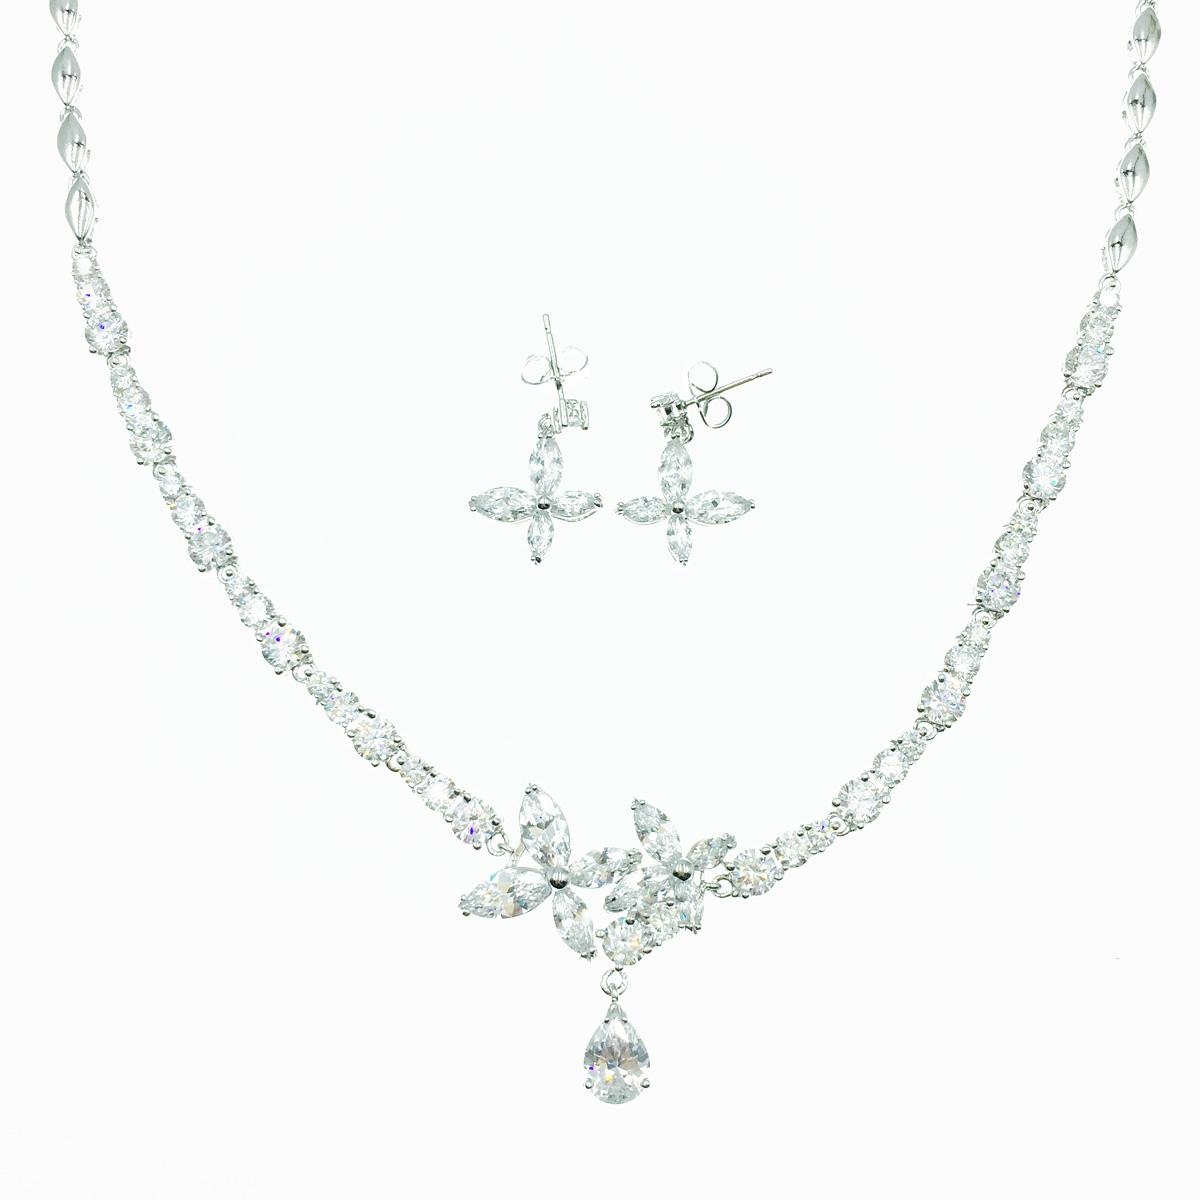 花造型 水滴設計 水鑽 耳針式耳環項鍊套組 採用施華洛世奇水晶元素 Crystals from Swarovski